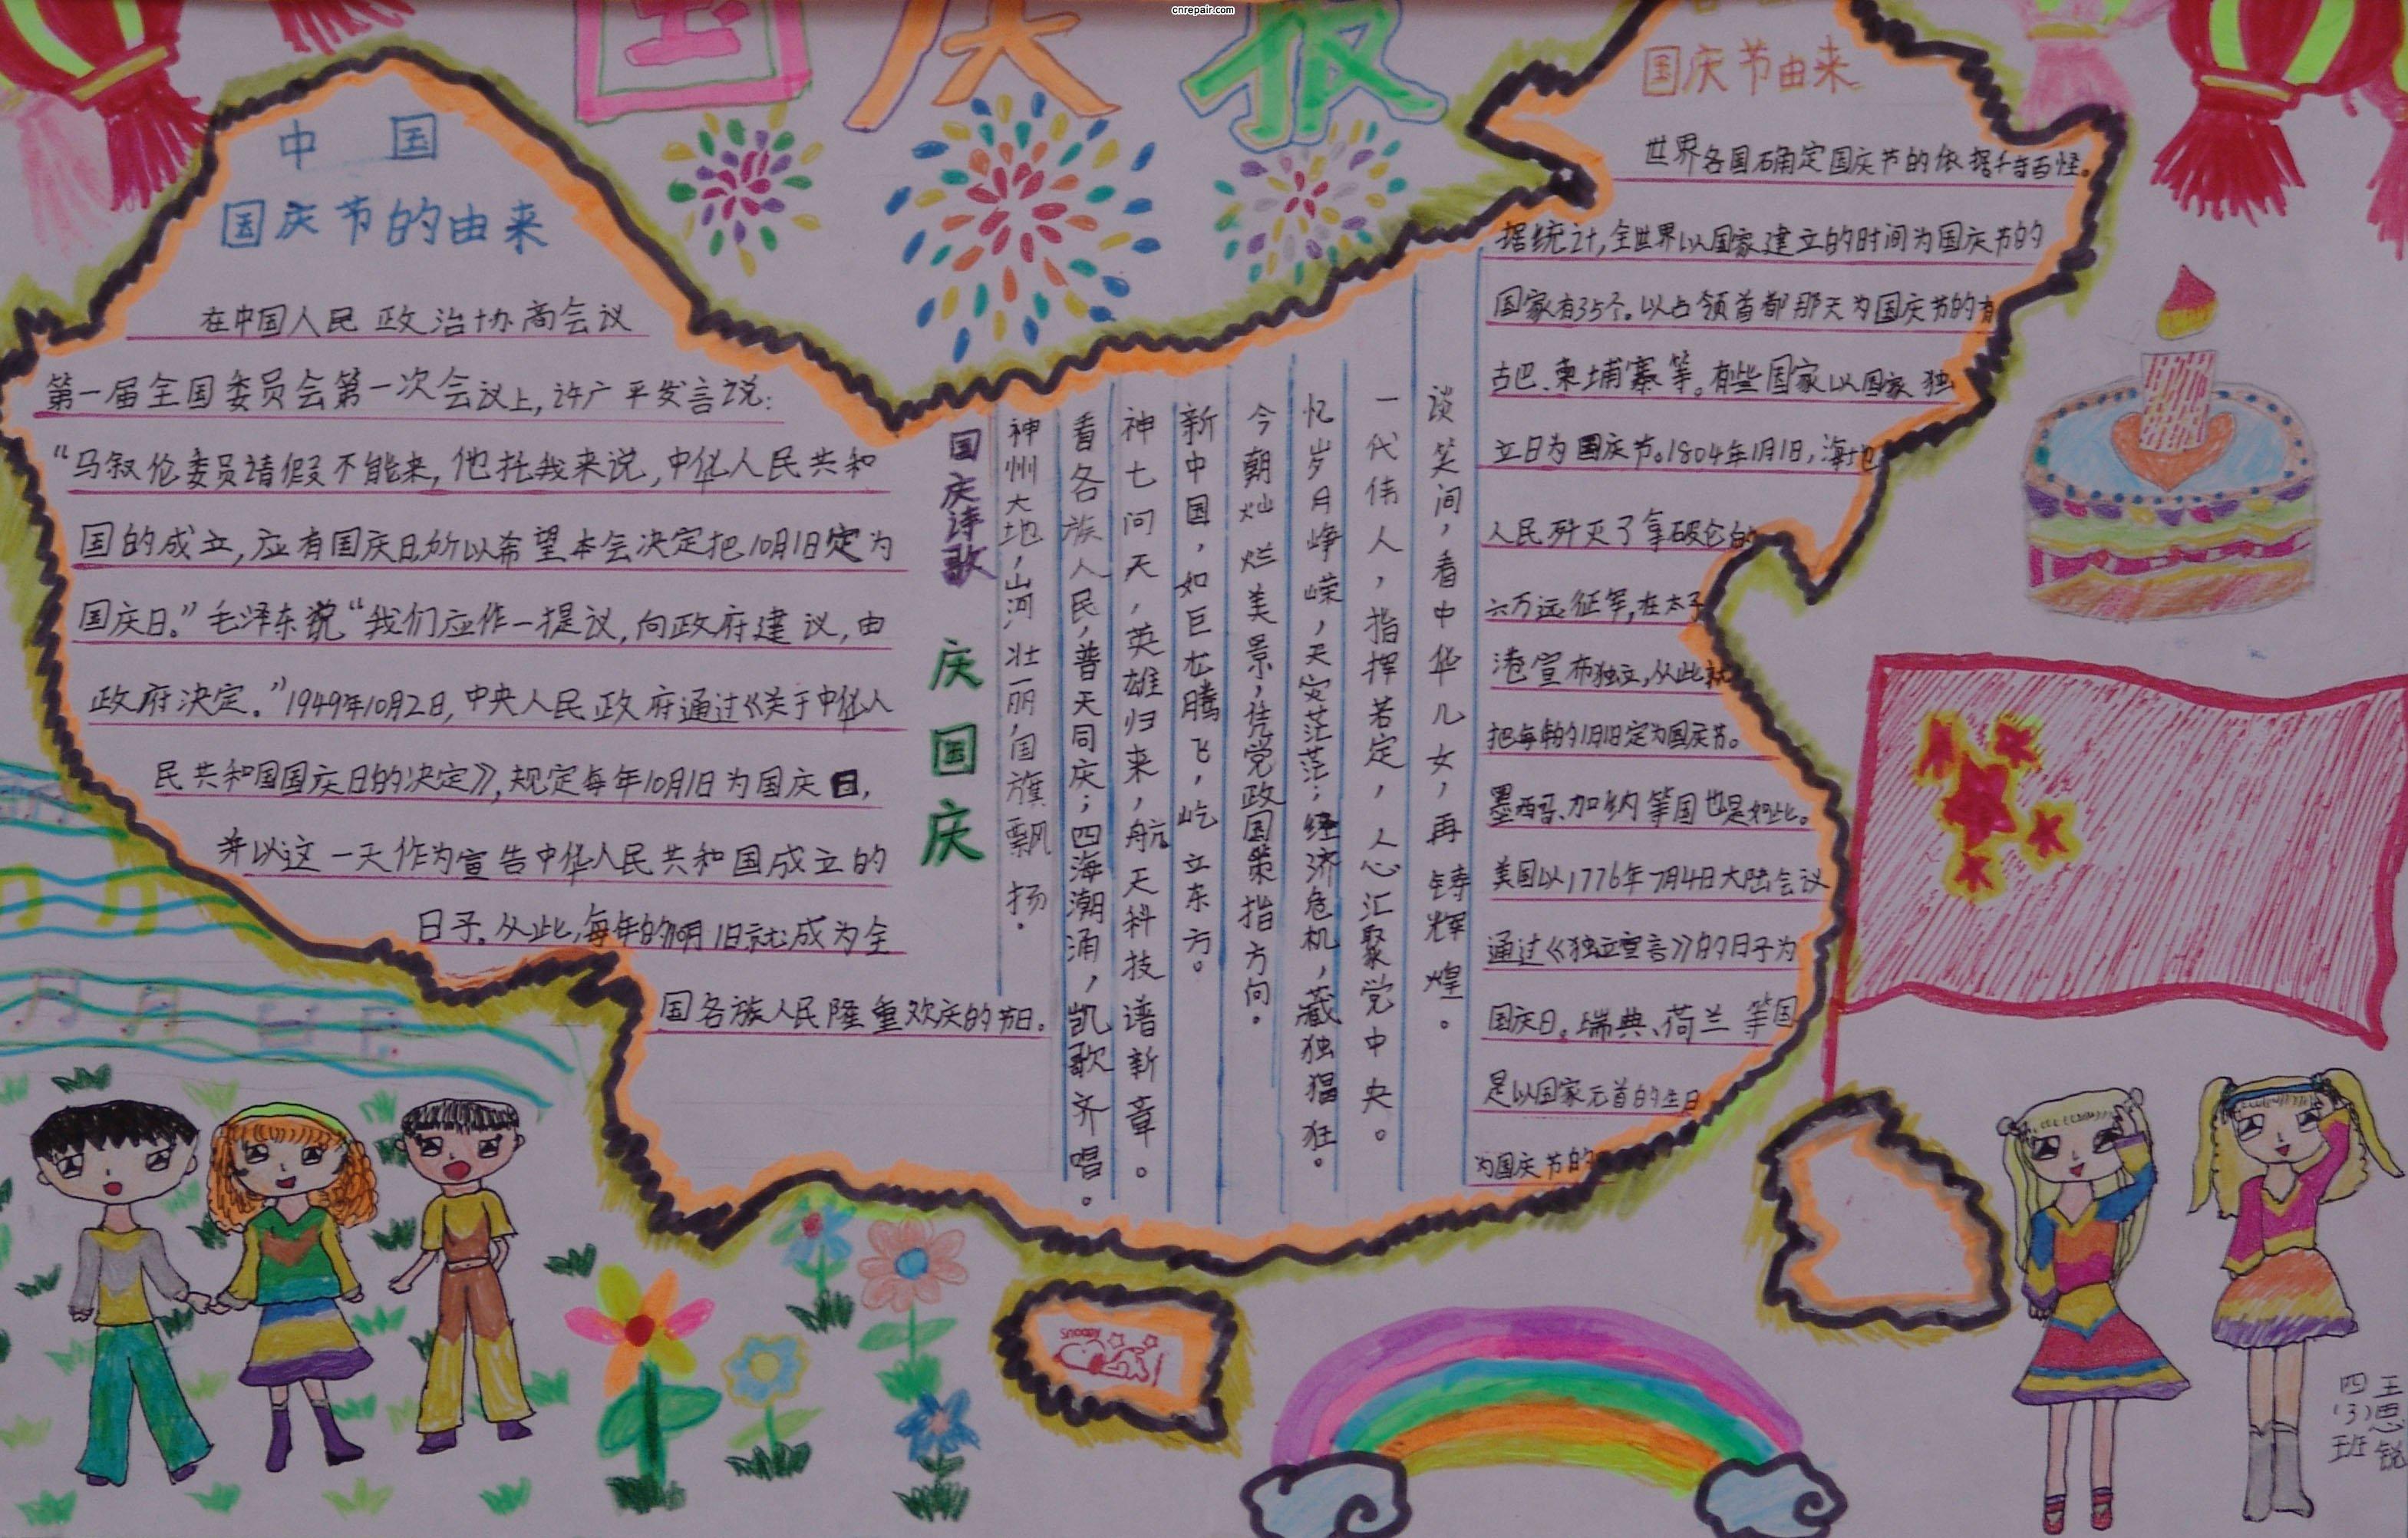 英语口语练习_2015年国庆节手抄报题目推荐